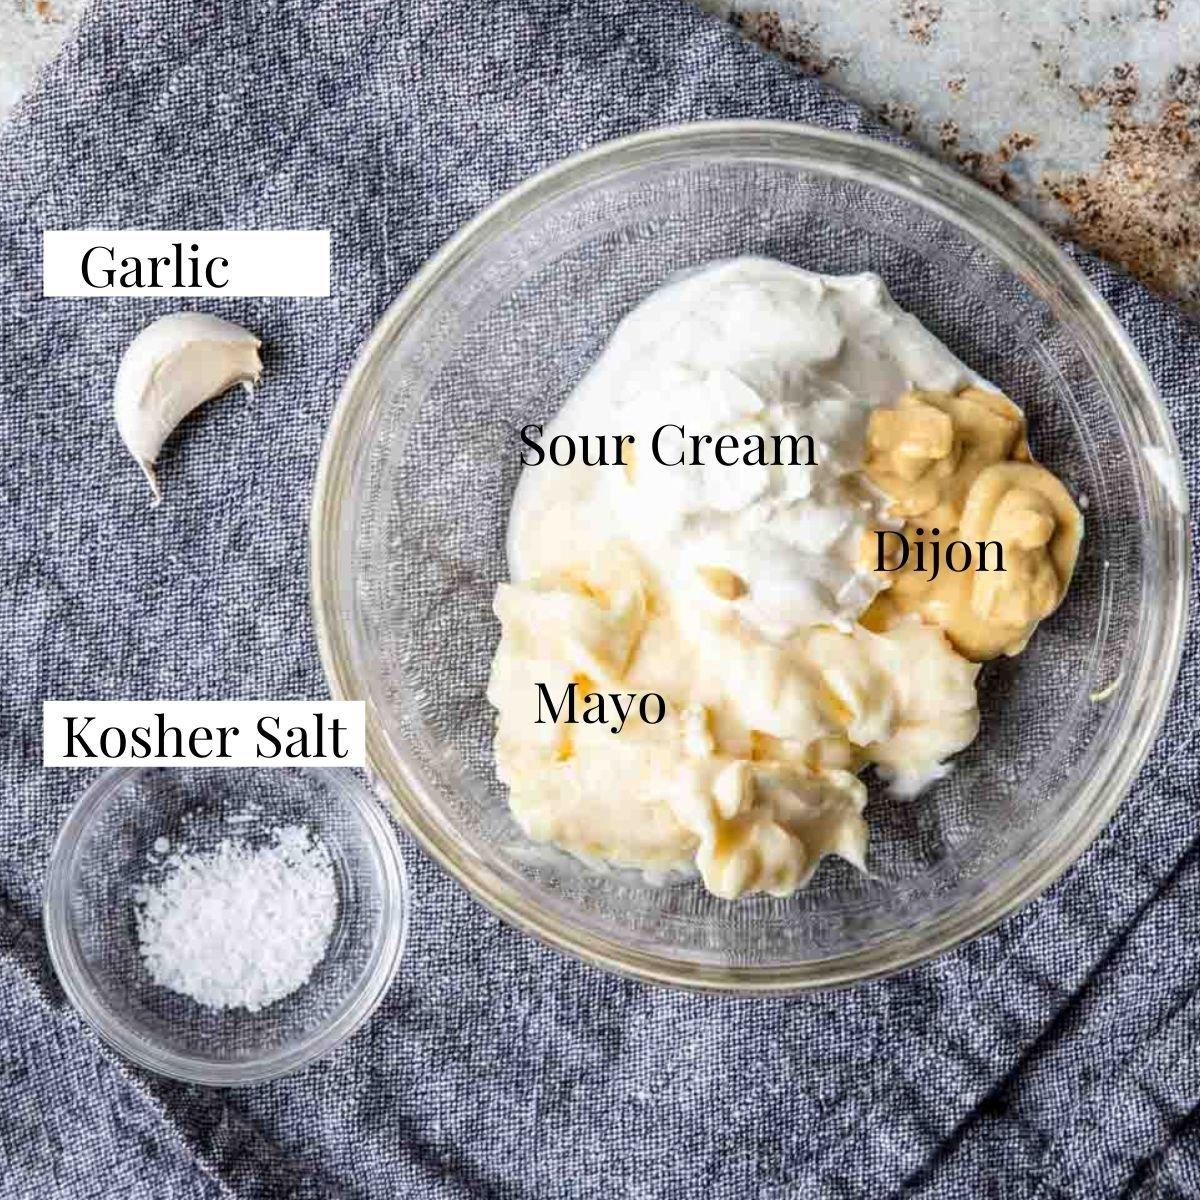 ingredients to make garlic cream sauce